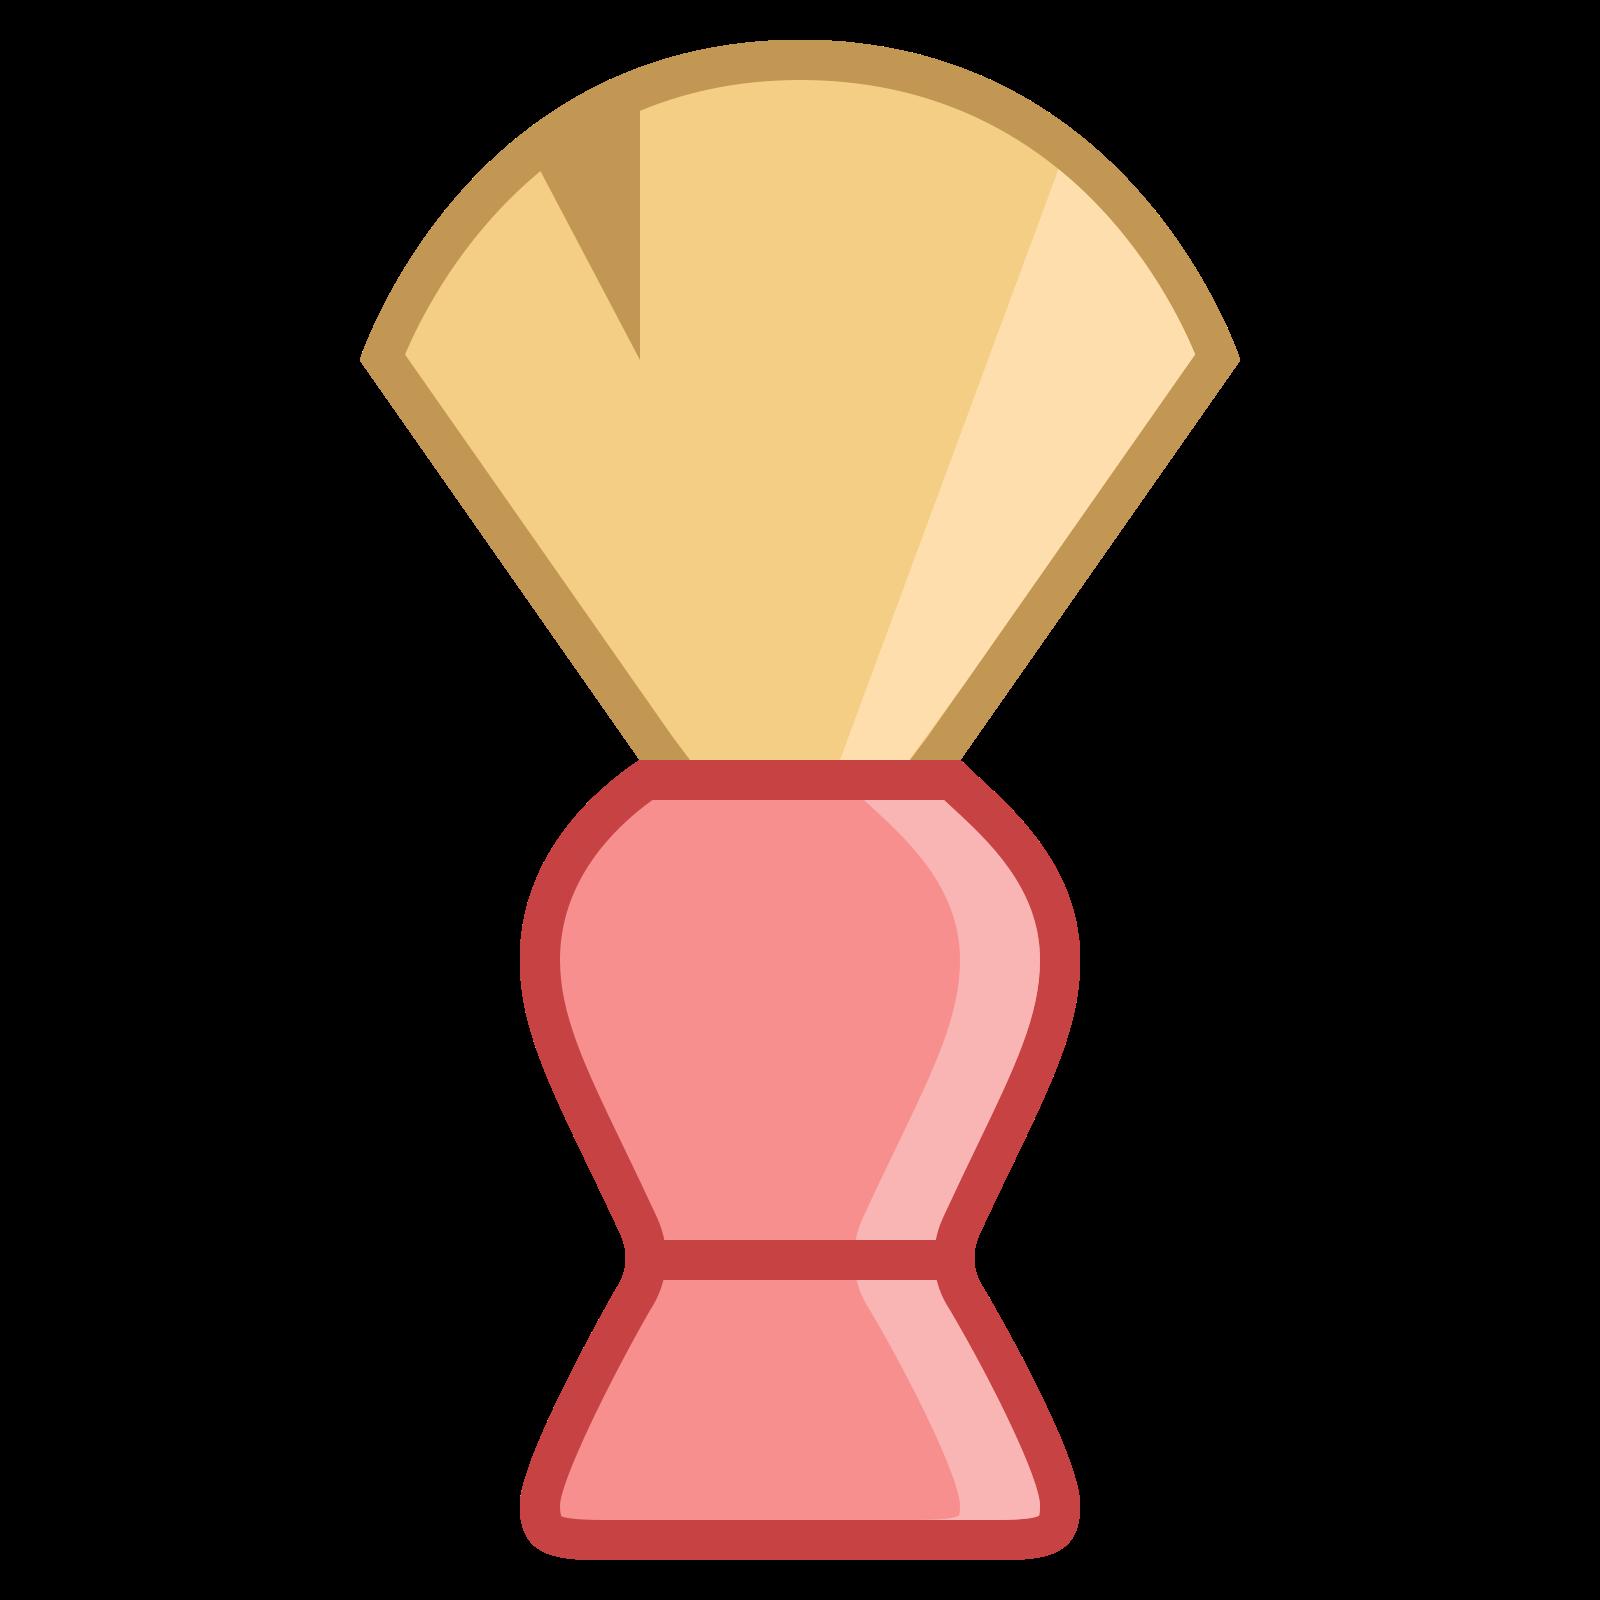 Pędzel fryzjerski icon